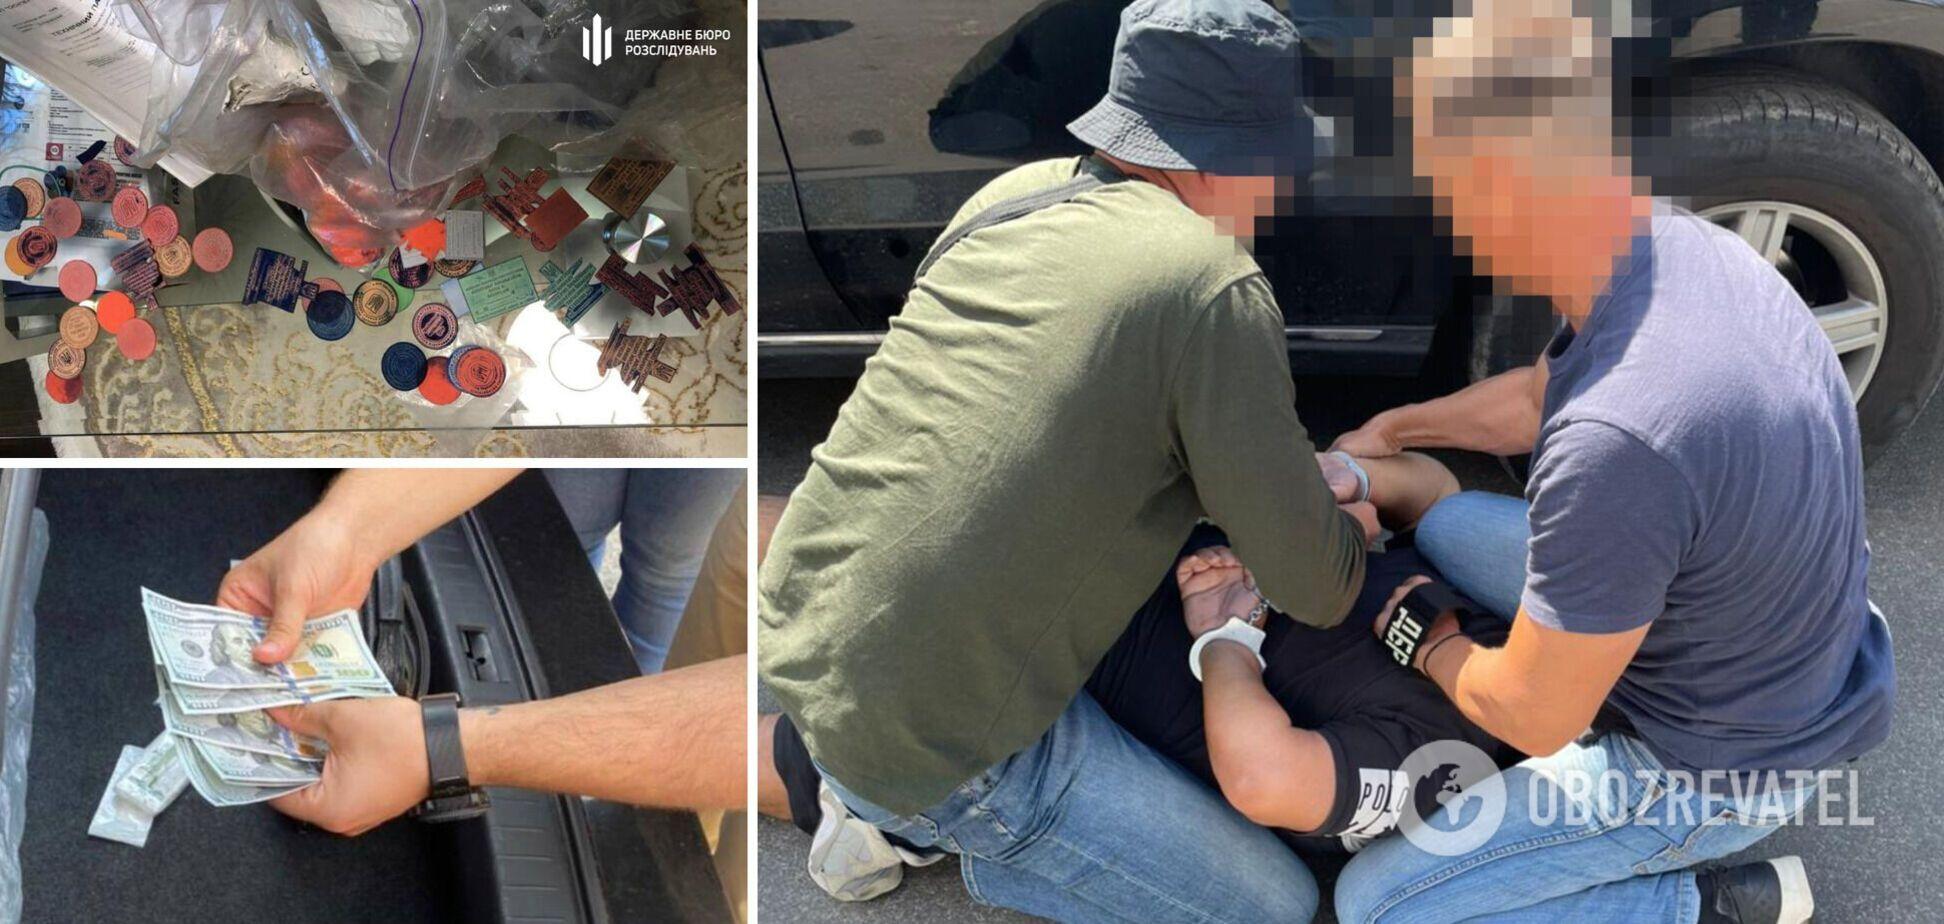 Вимагали гроші у поранених бійців: ДБР викрило членів МСЕК, які заробляли на оформленні інвалідності. Фото